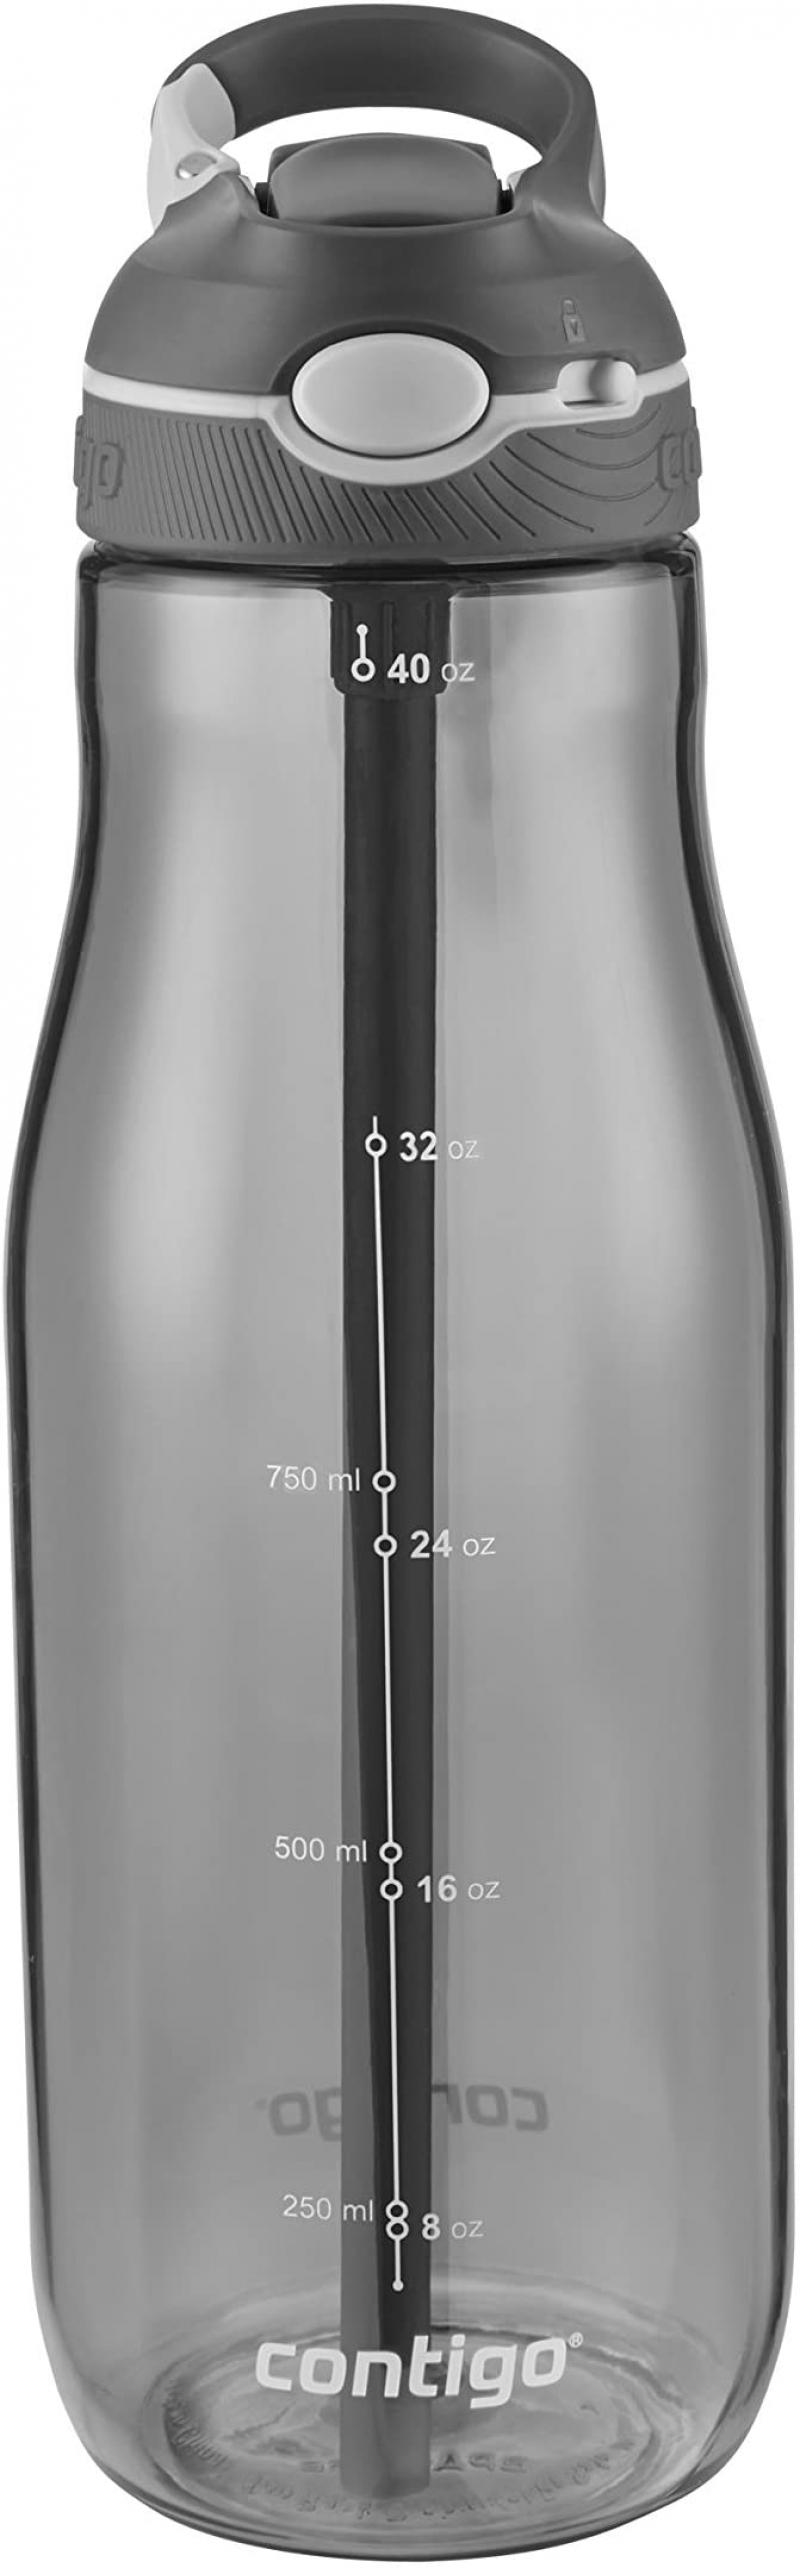 ihocon: Contigo Autospout Ashland Water Bottle, 40oz 水瓶